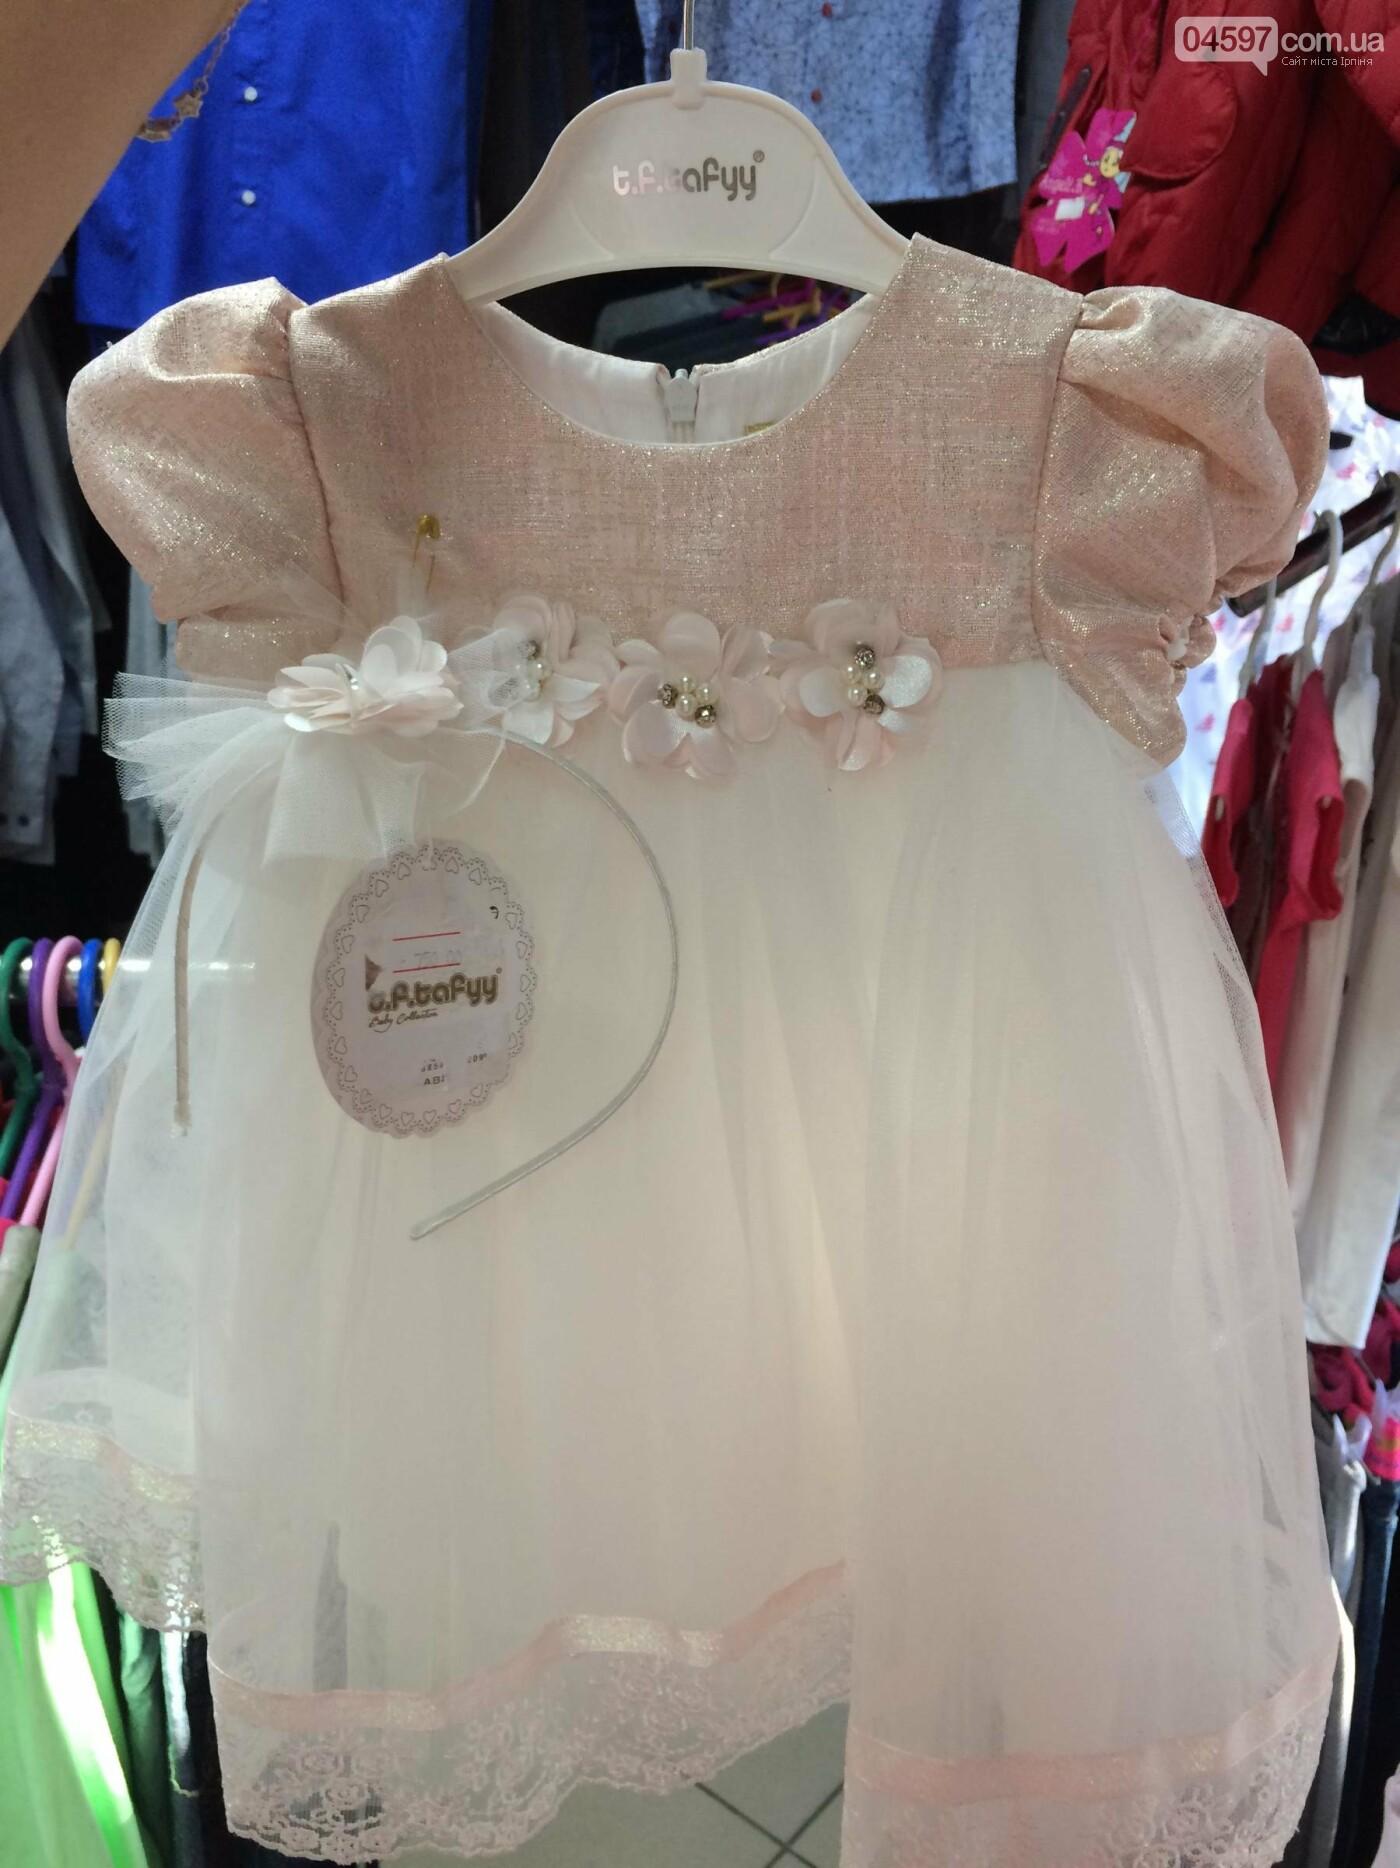 Де купити дитячий одяг в Ірпені: асортимент та ціни, фото-85